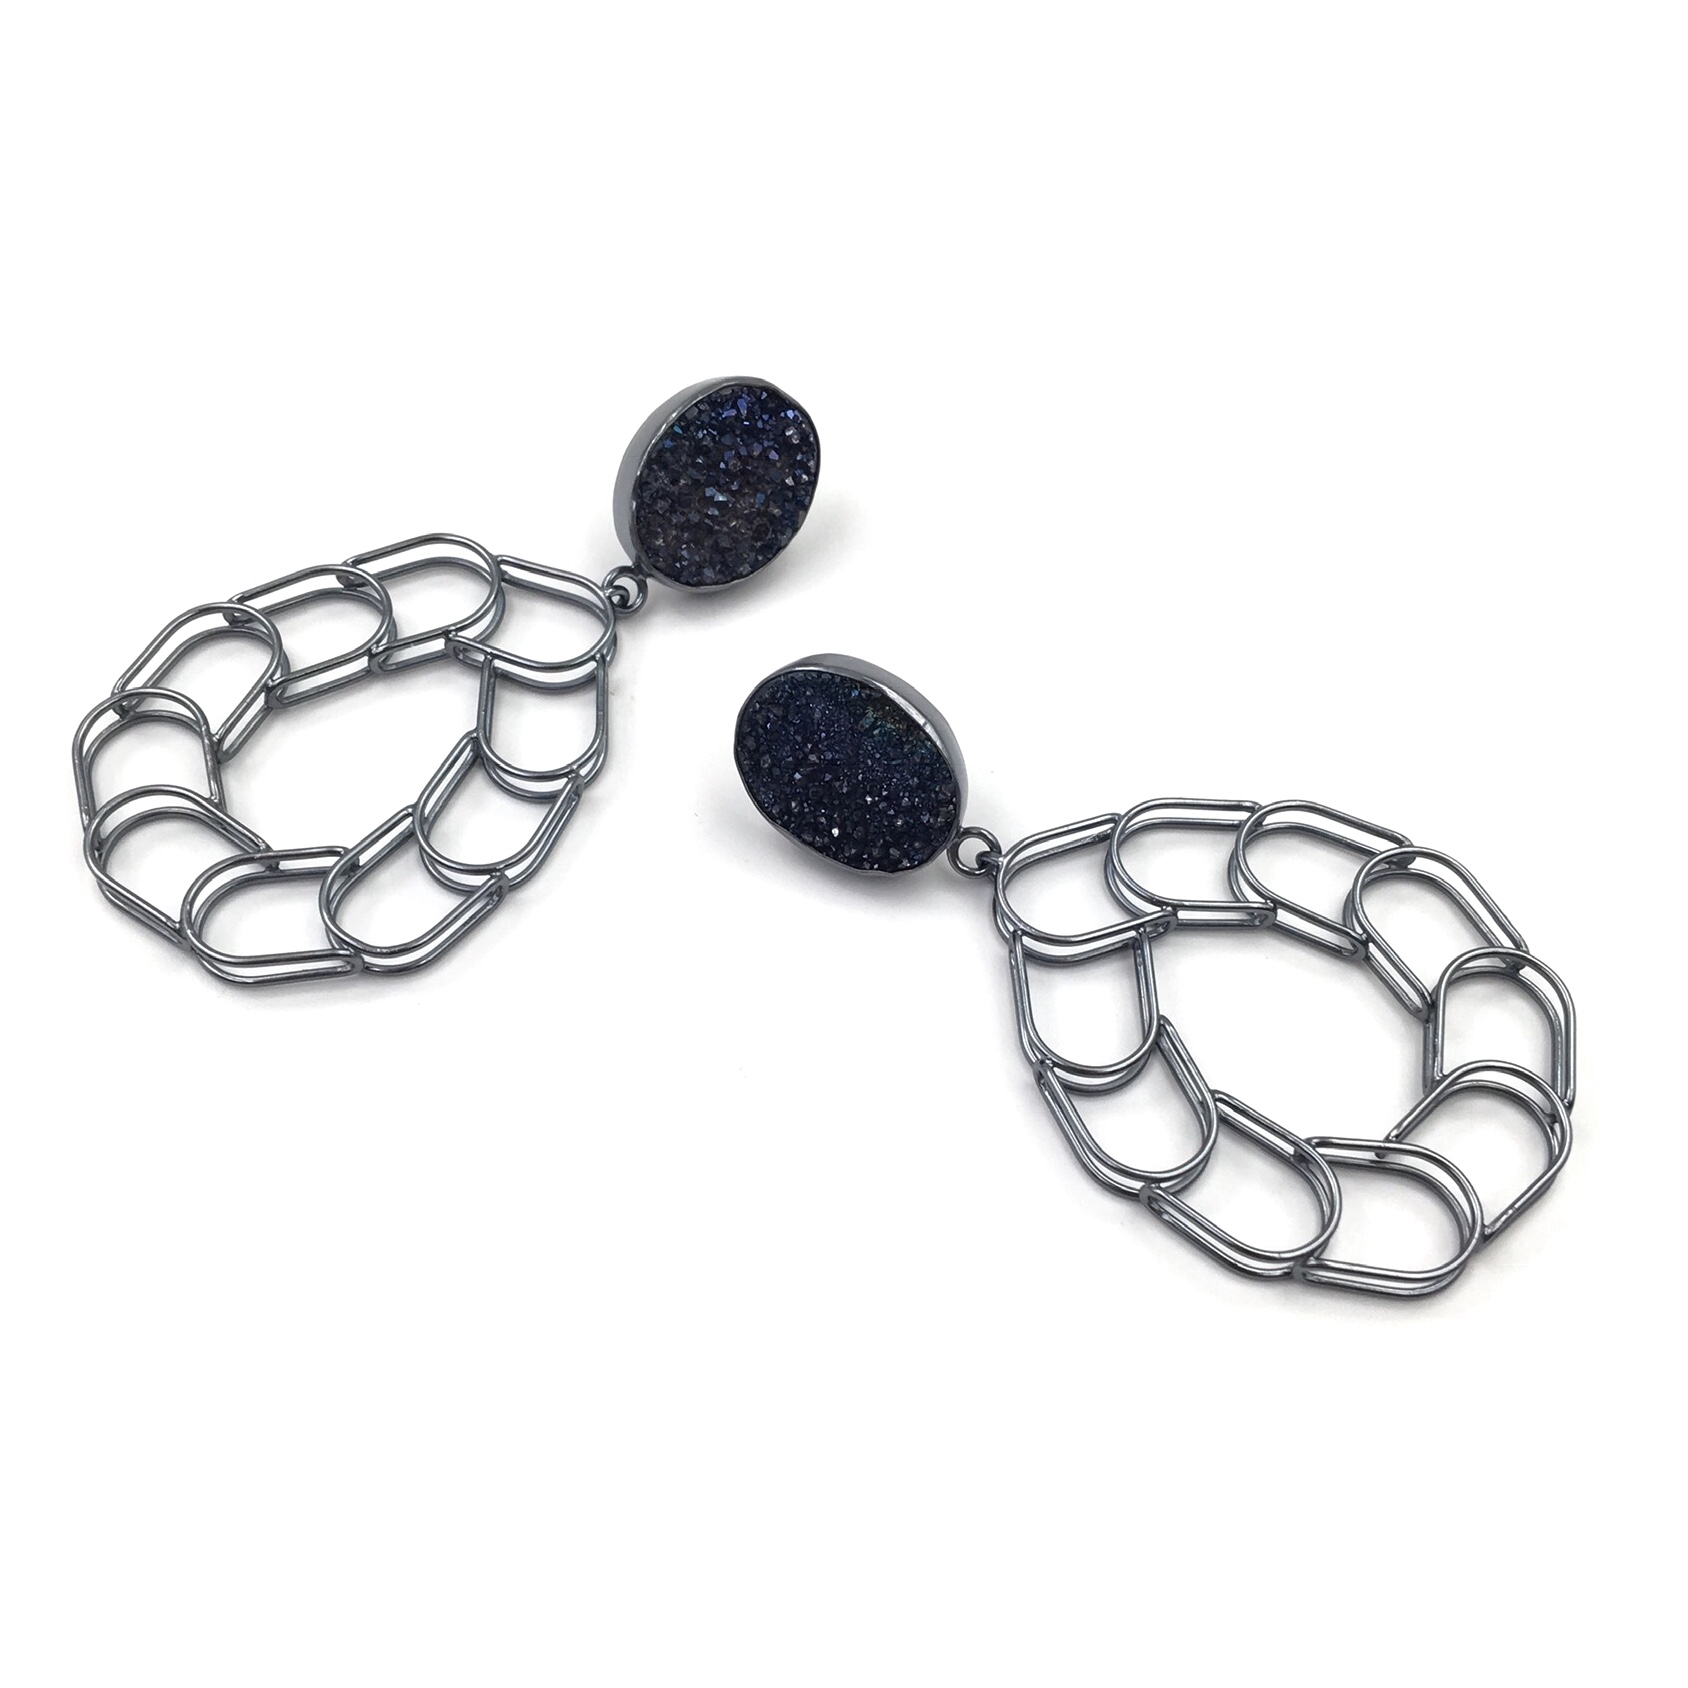 BENT LINK DRUZY DROP EARRINGS  Oxidized sterling silver, dark blue druzy